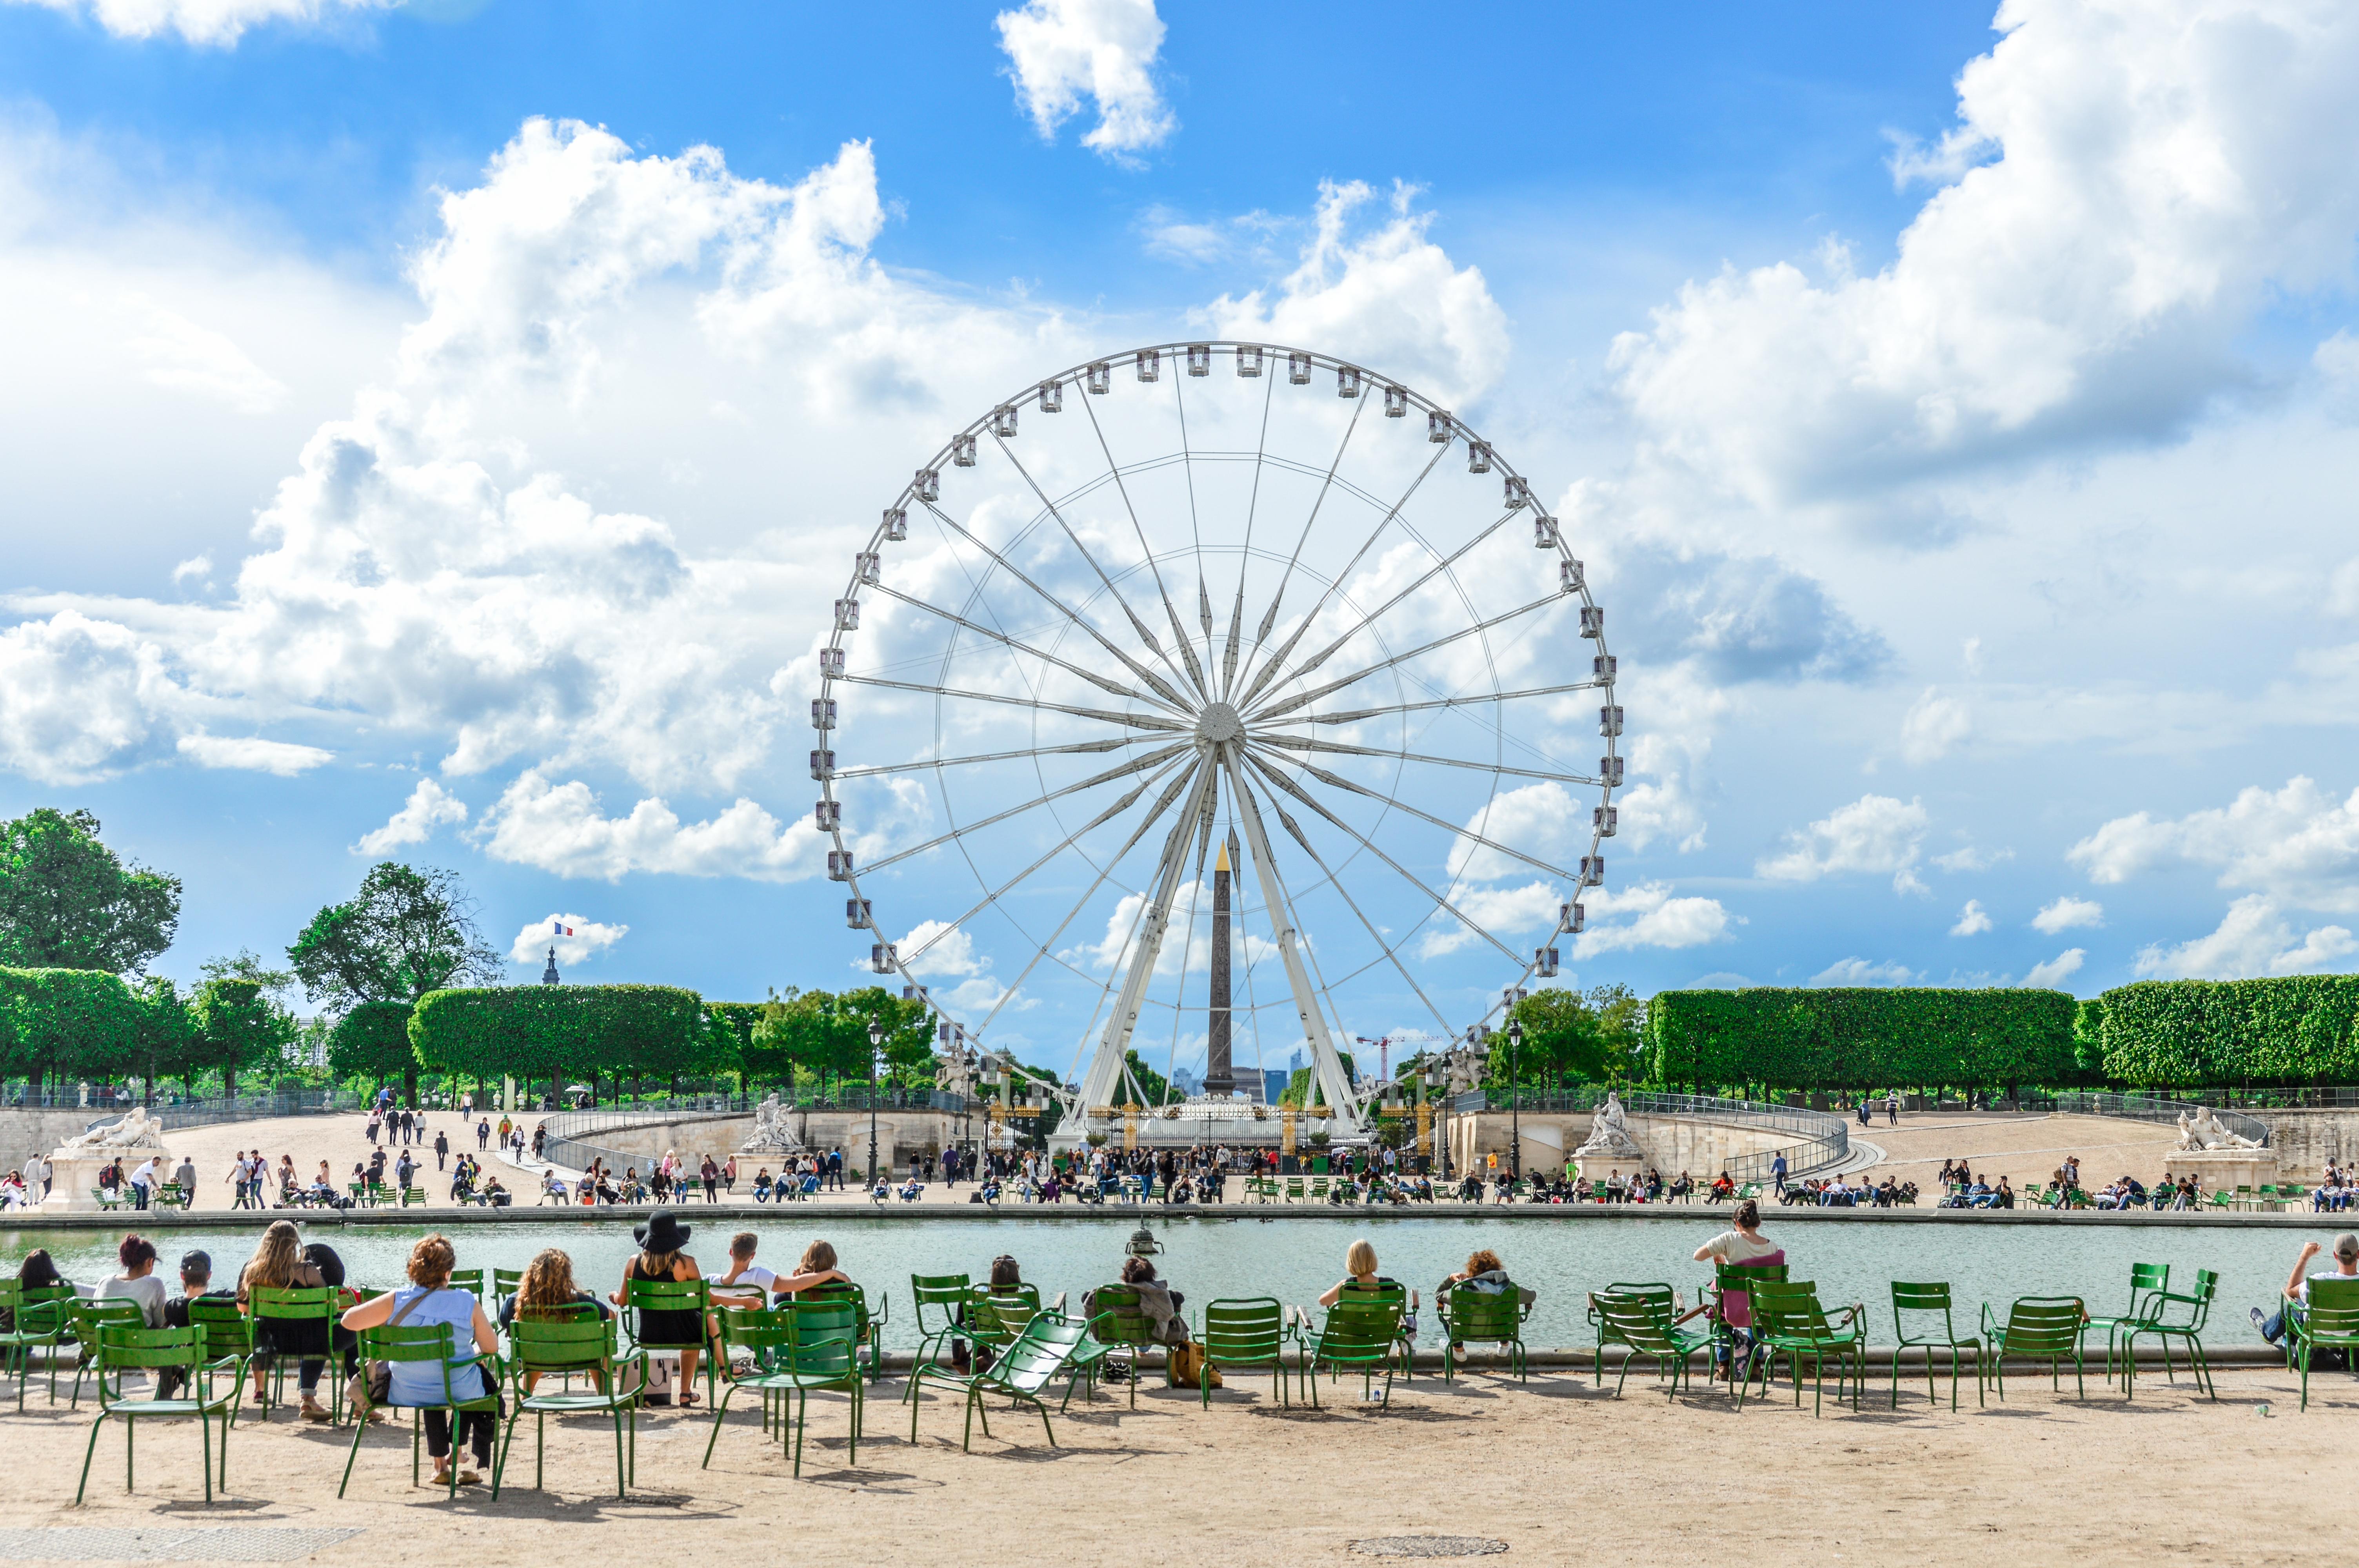 Ferris Wheel at the Tuileries Garden in Paris Ferris Wheel at the Tuileries Garden in Paris